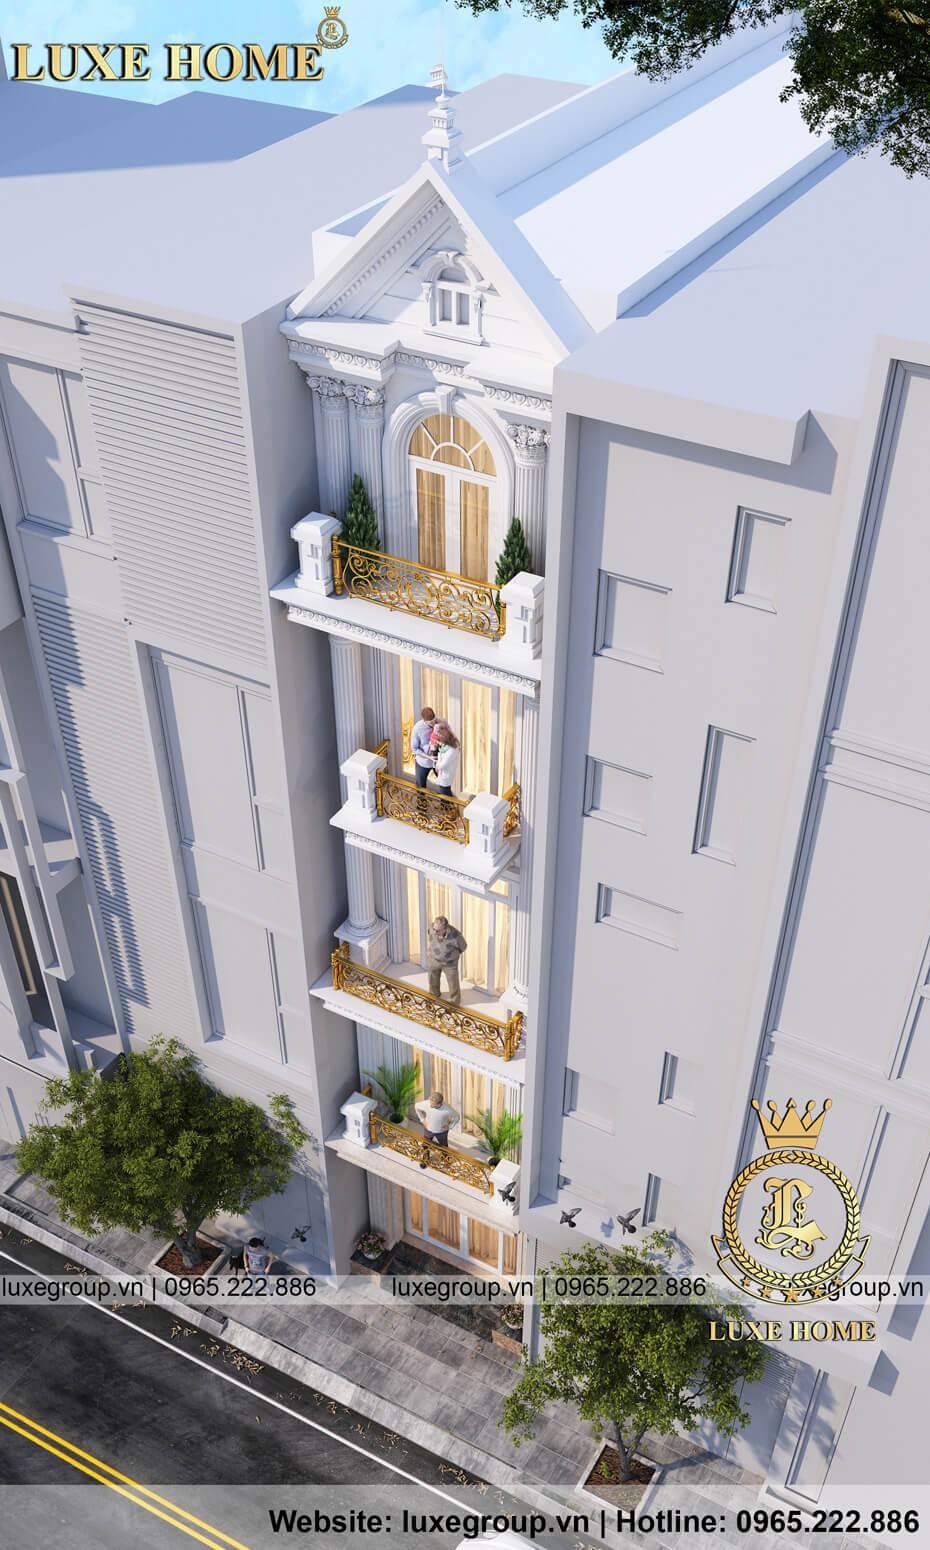 biệt thự tân cổ điển 5 tầng đẹp